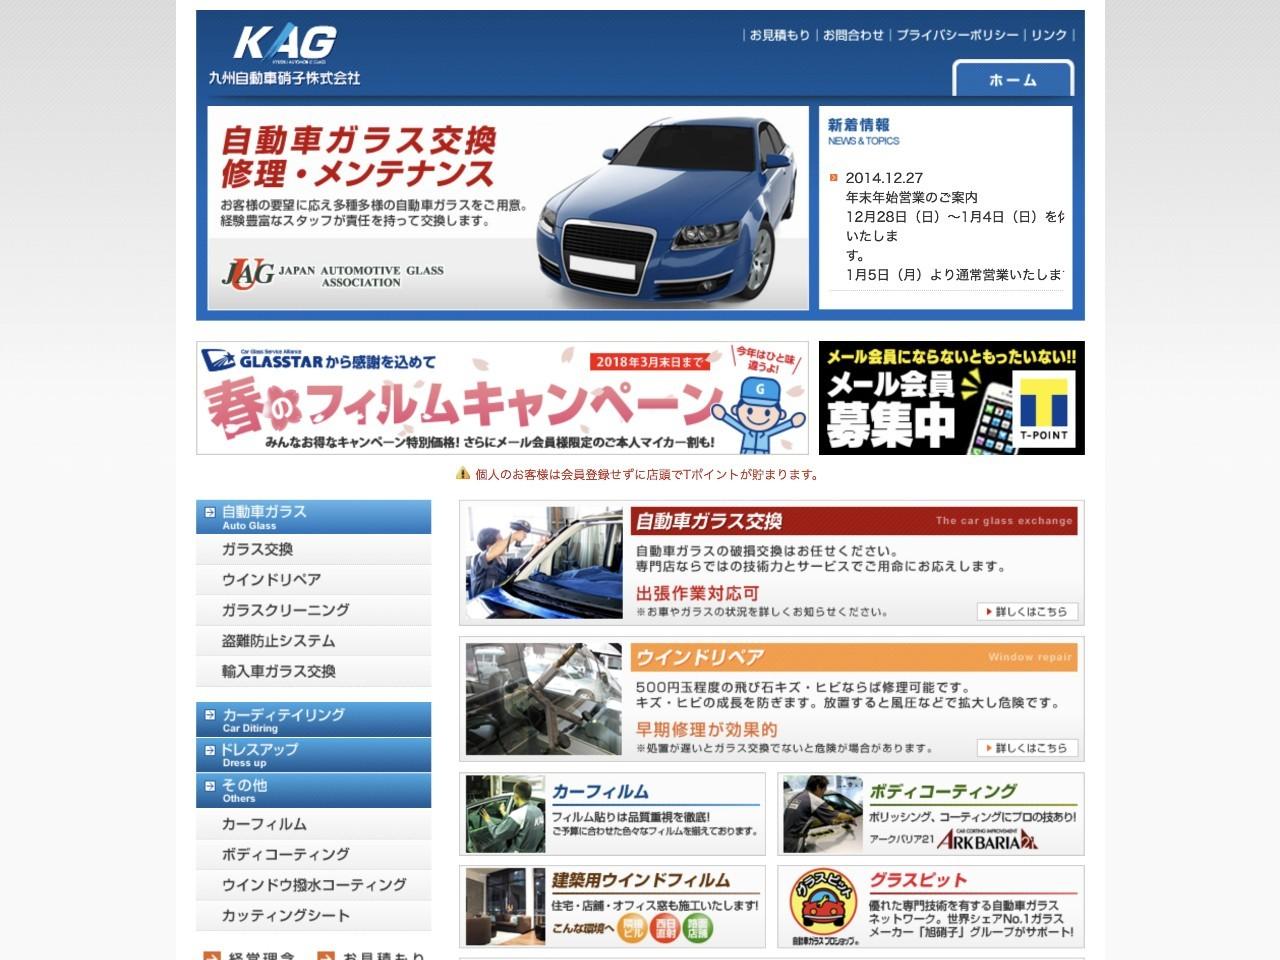 九州自動車硝子株式会社福岡東店